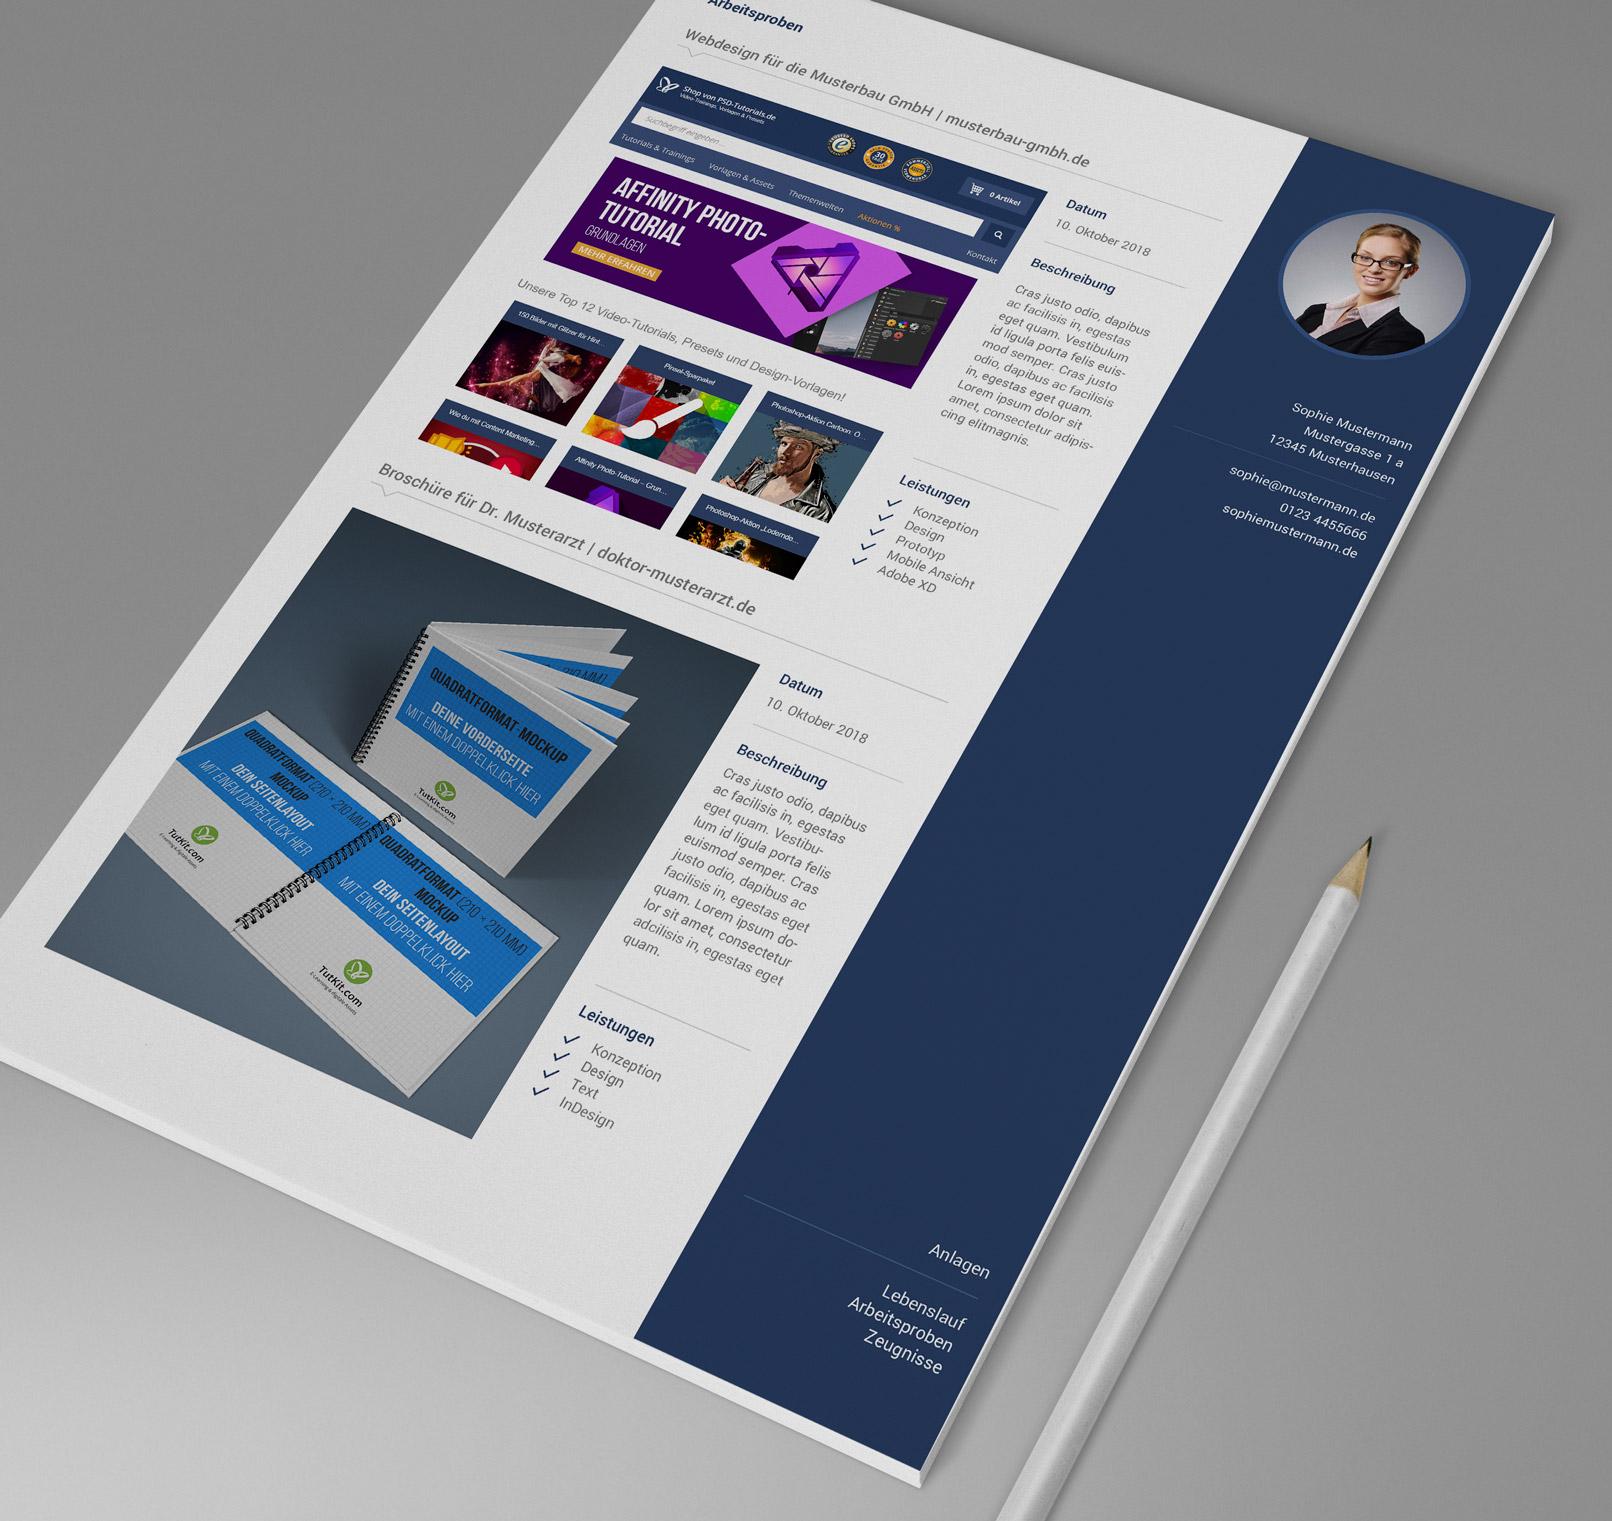 Design-Muster, Vorlage für Bewerbung als Mediengestalter